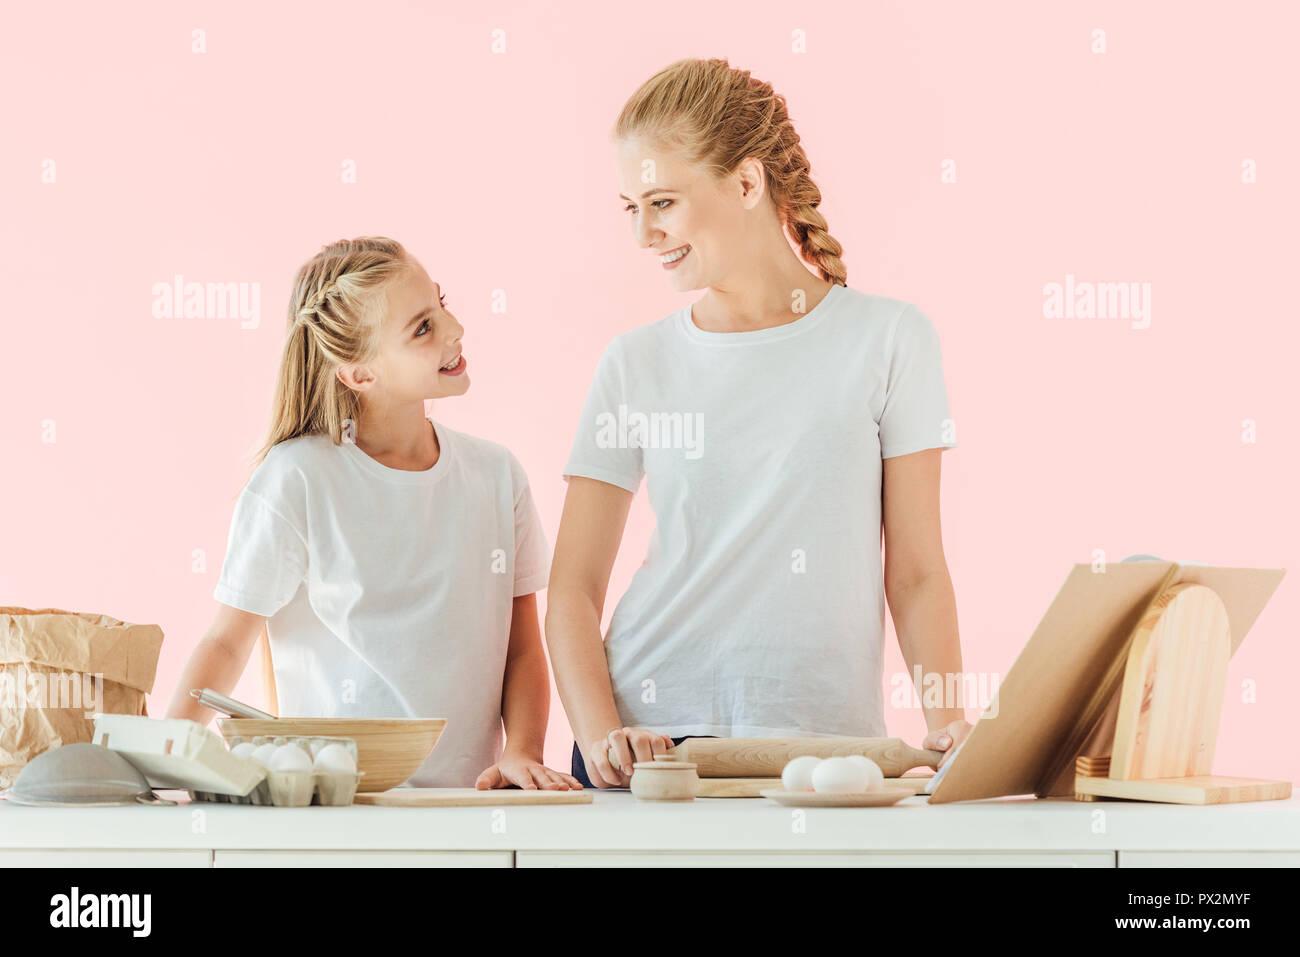 Lächelnde Mutter und Tochter in den weißen T-Shirts sich einander beim Kochen gemeinsam auf rosa isoliert Stockbild